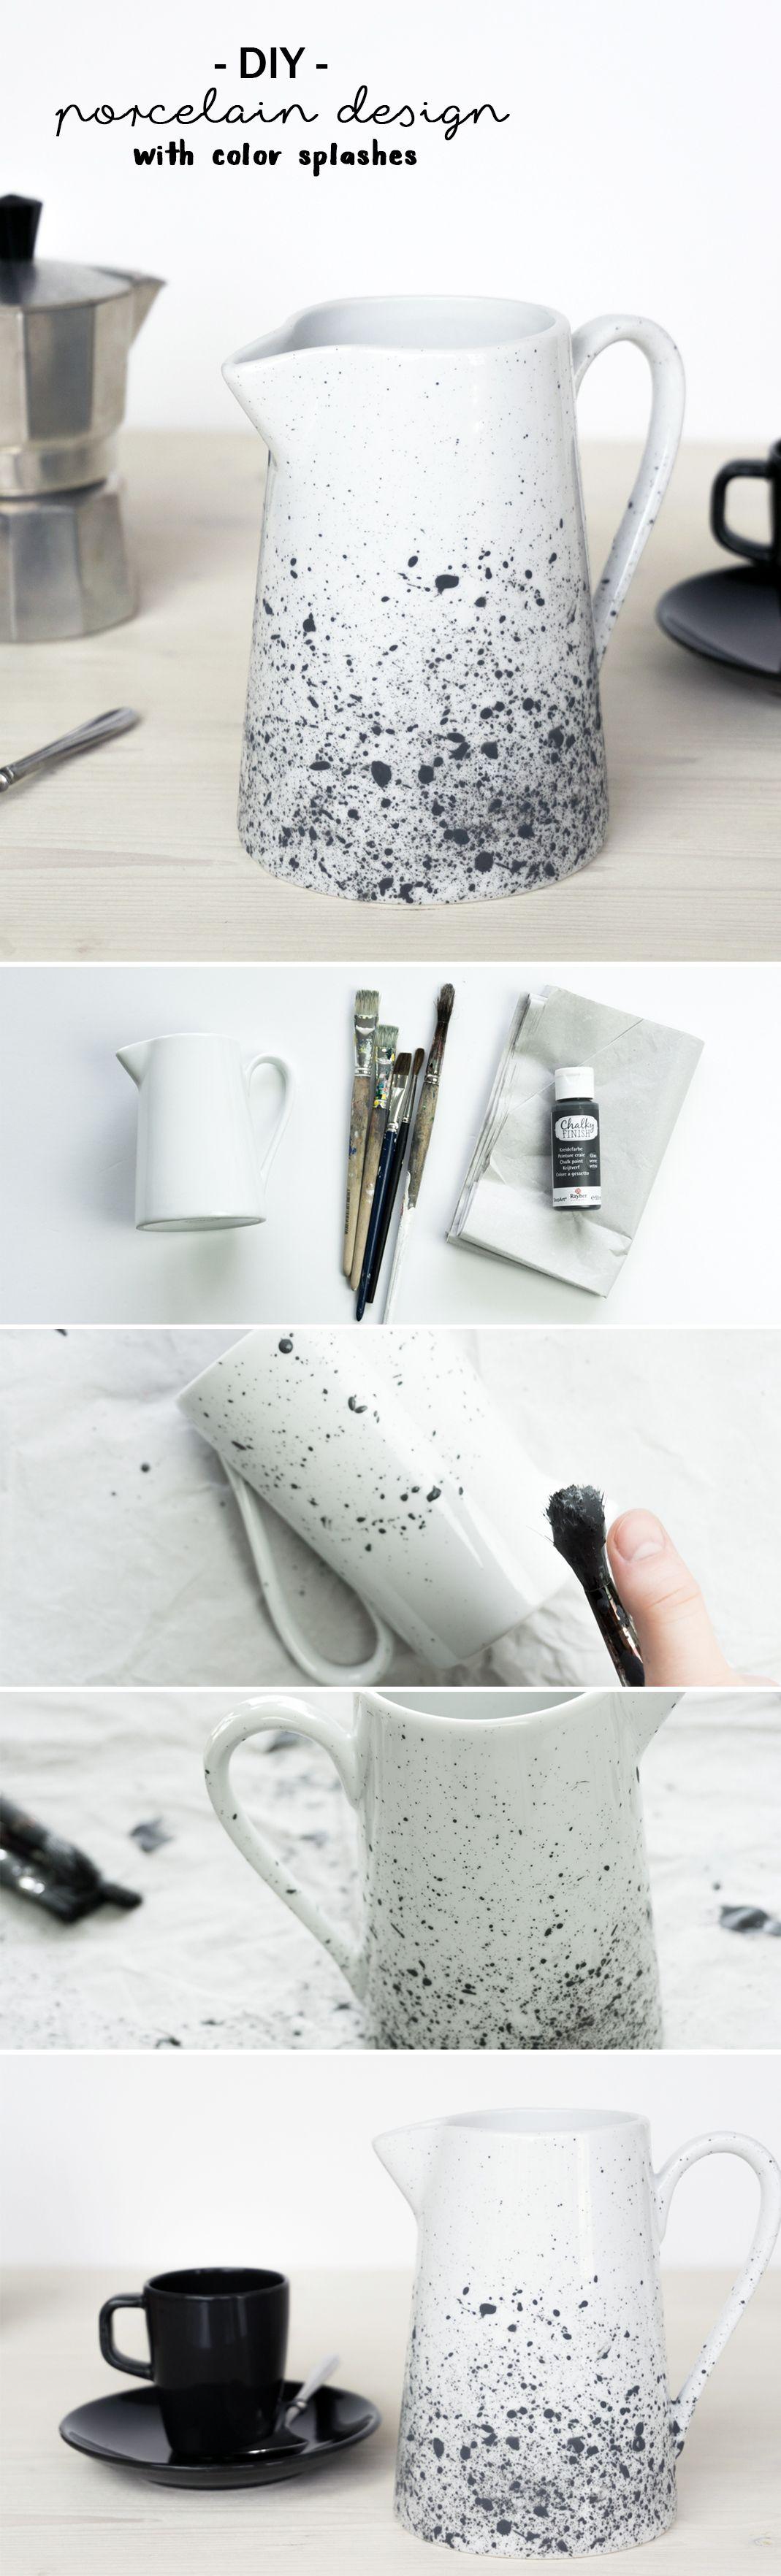 DIY Porzellan bemalen: Kanne mit Sprenkelmuster | Craft, Diys and ...